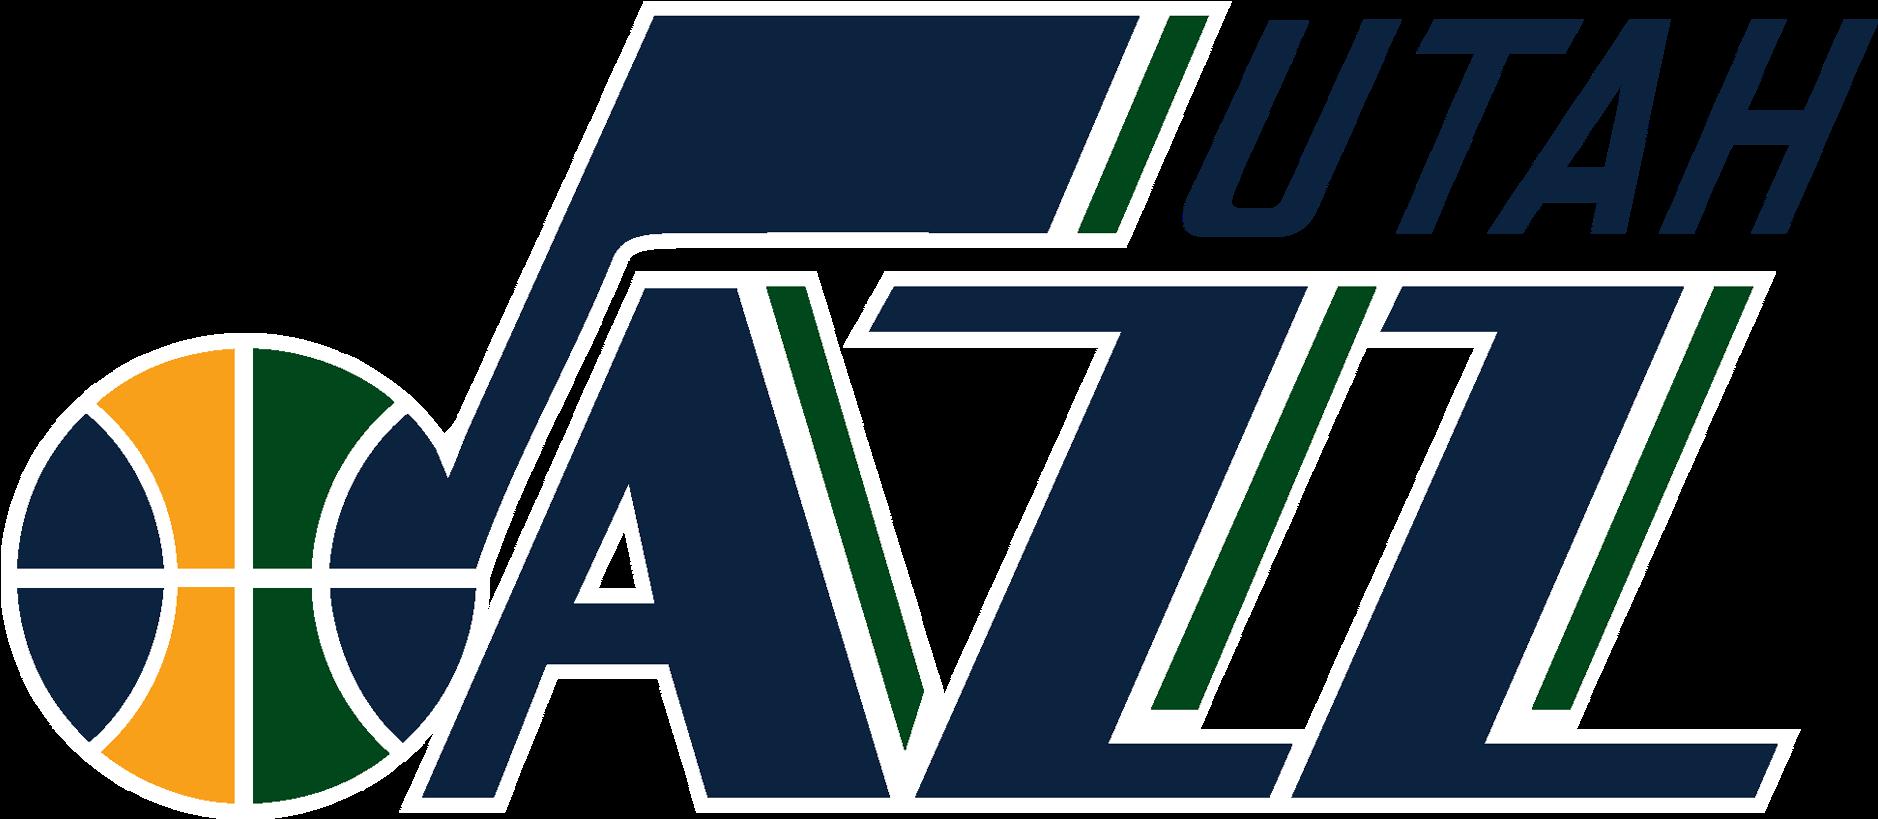 Utah Jazz Logo - Utah Jazz Logo 2018 (1920x1080), Png Download